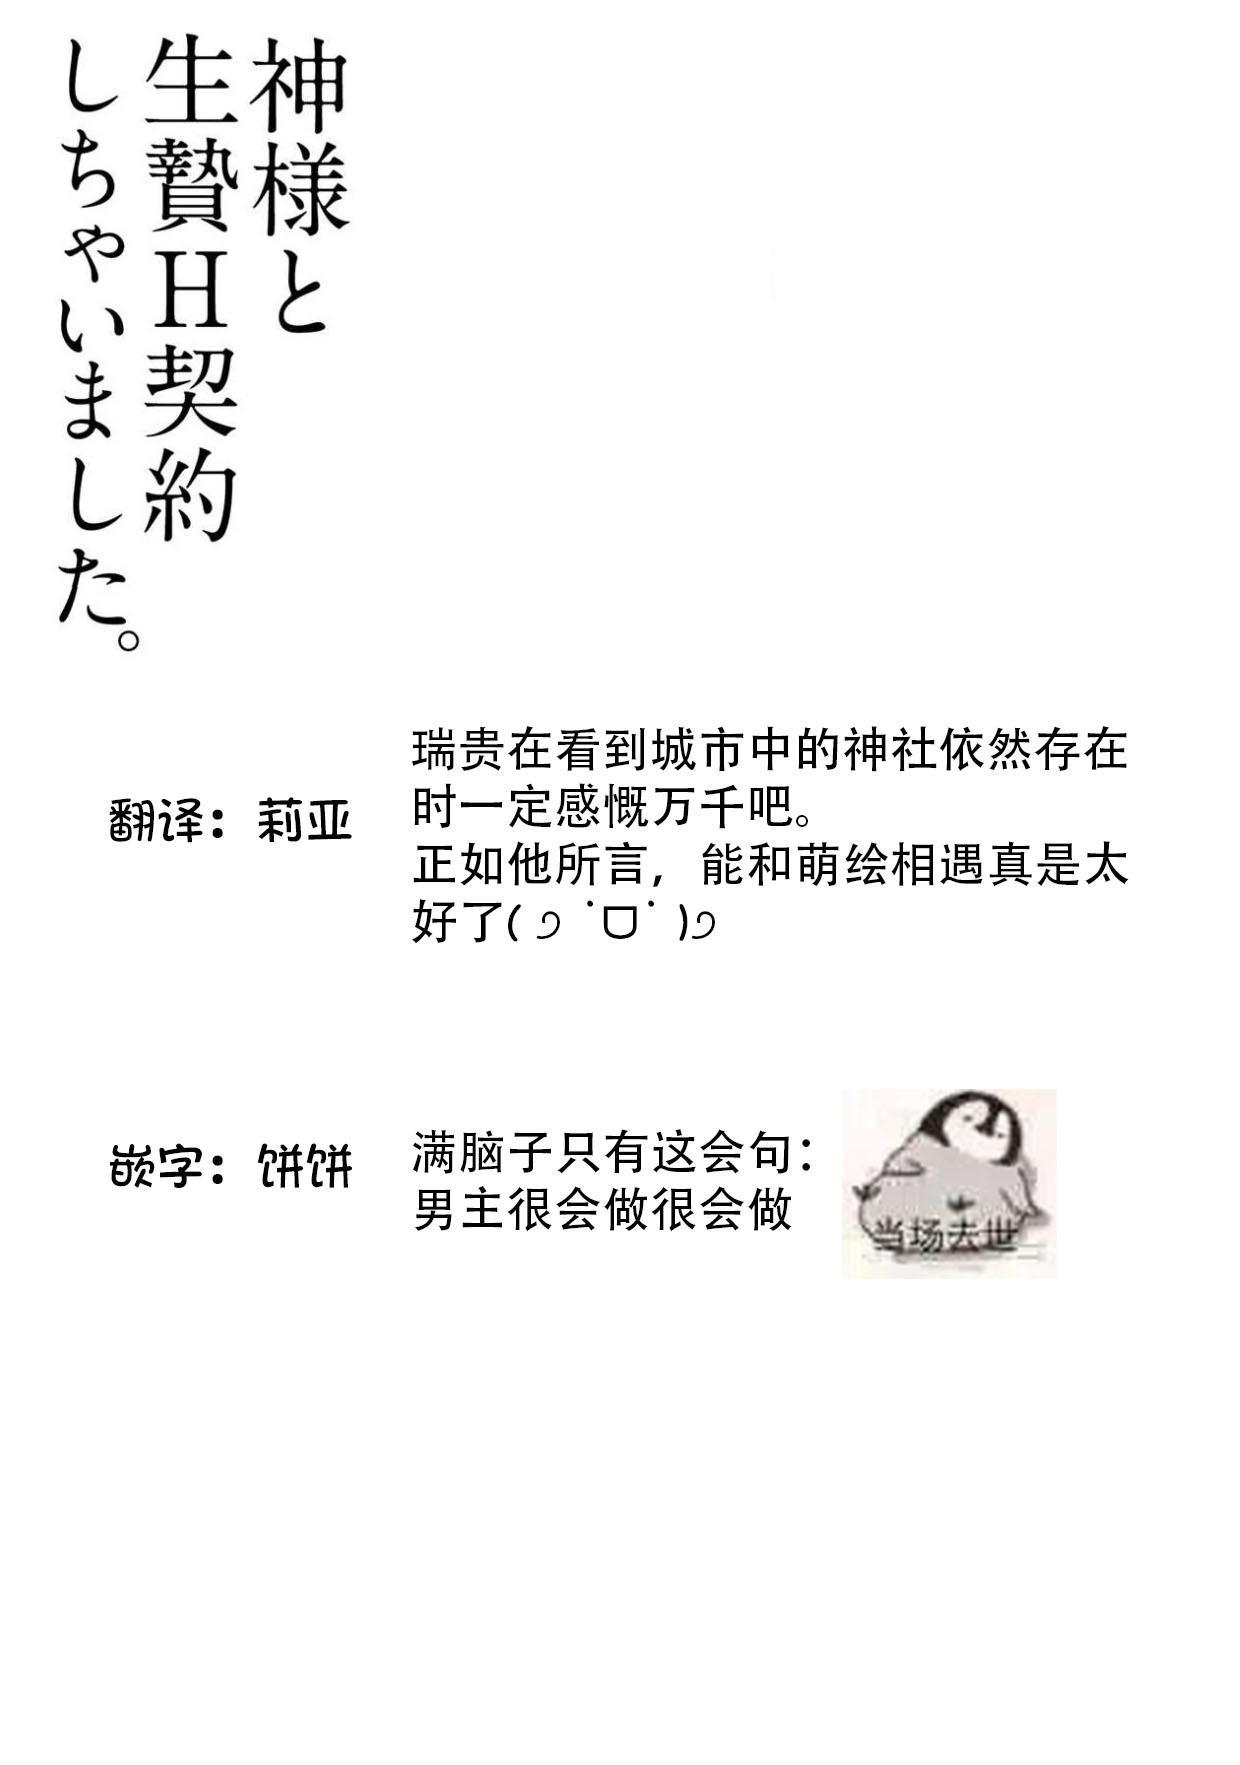 [Hachikawa Kyuu] Kami-sama to Ikenie H Keiyaku Shichaimashita | 我与神明大人签订了祭品H契约 1-3 [Chinese] [莉赛特汉化组] 79